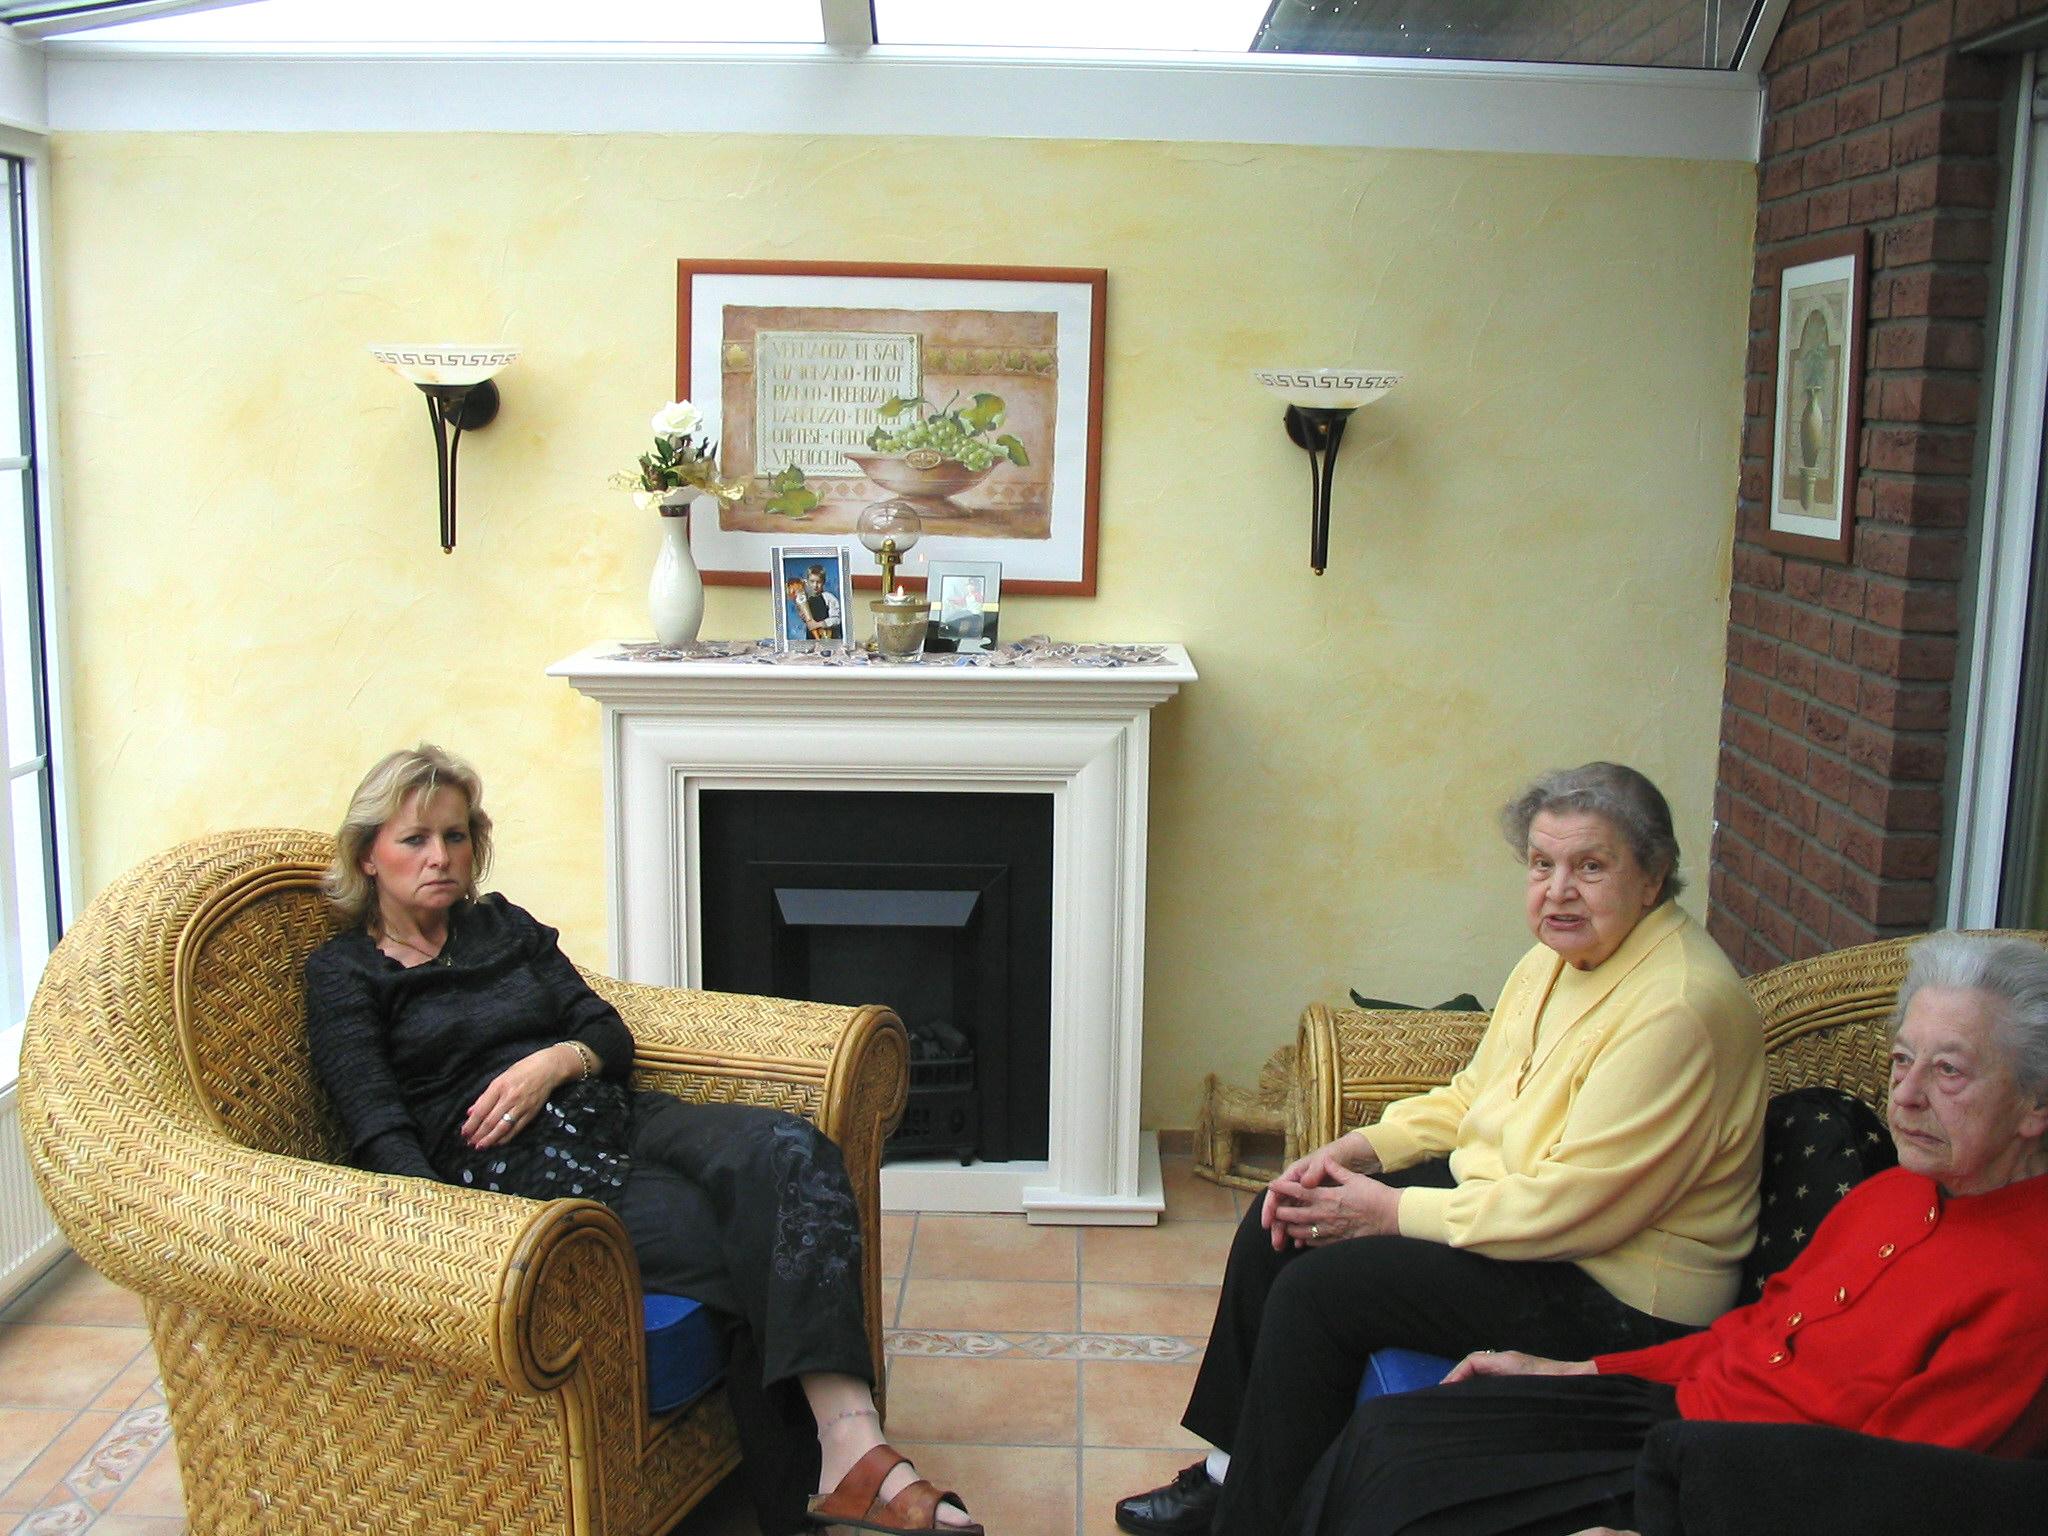 polster sessel couch kleinanzeigen seite 9. Black Bedroom Furniture Sets. Home Design Ideas